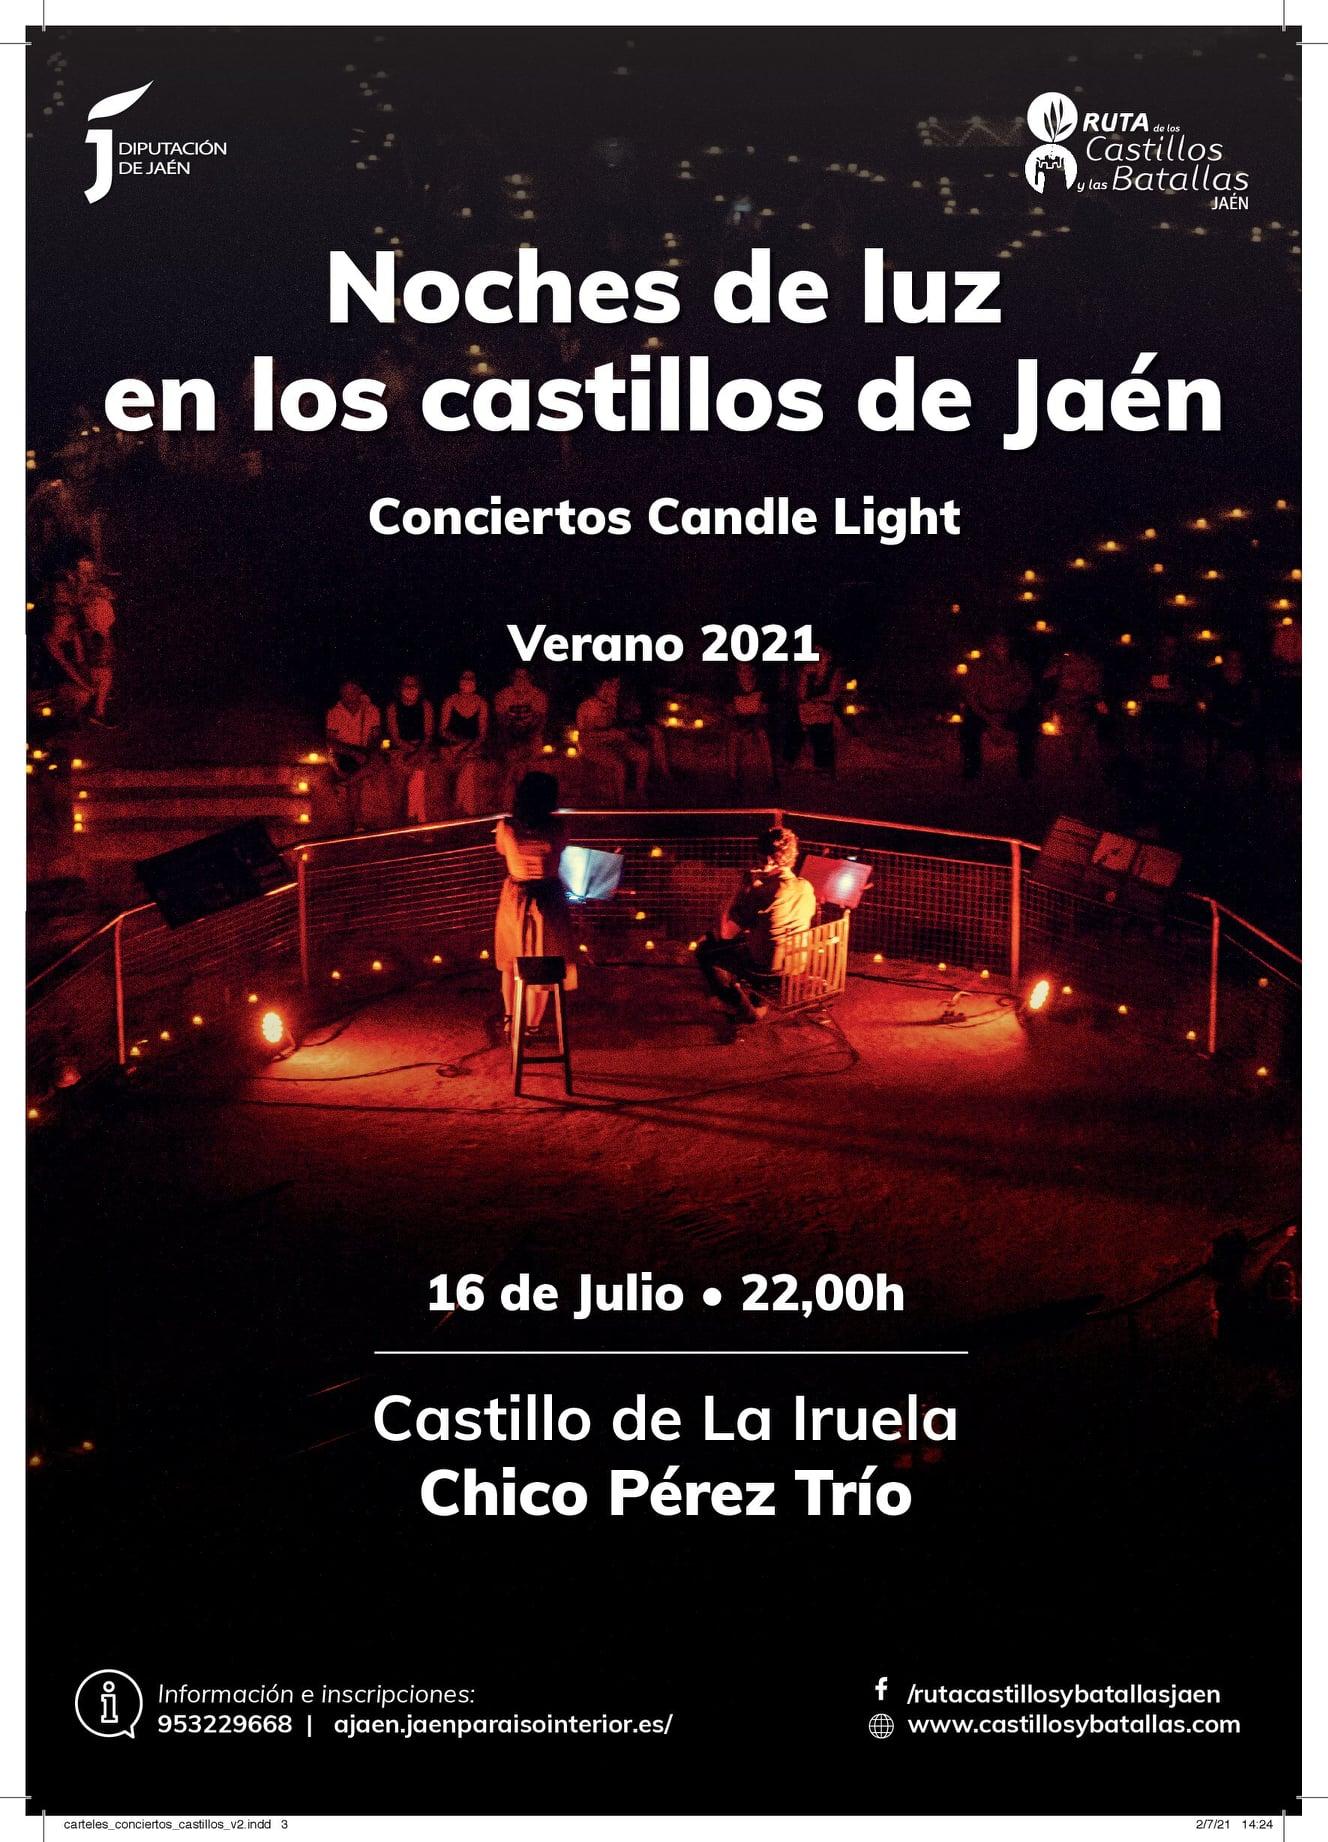 Conciertos Candle Light La Iruela